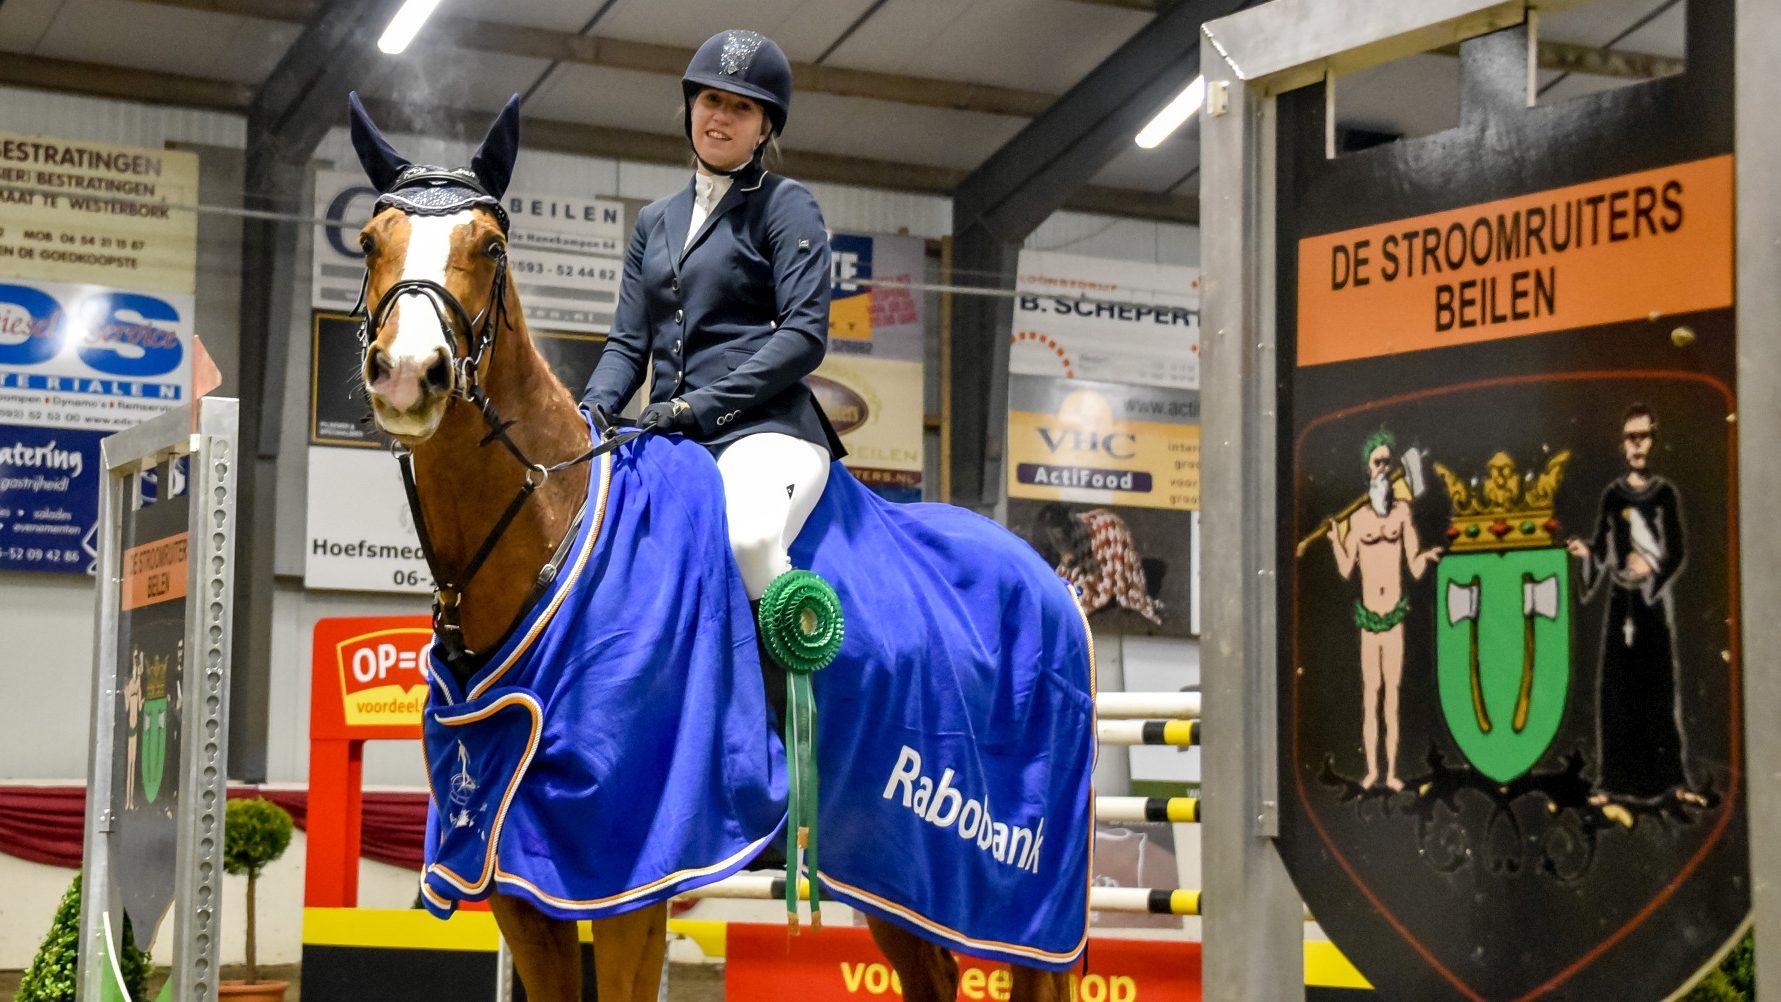 Laura Slager en La Serena bij de prijsuitreiking van Indoor Hartje Drenthe.